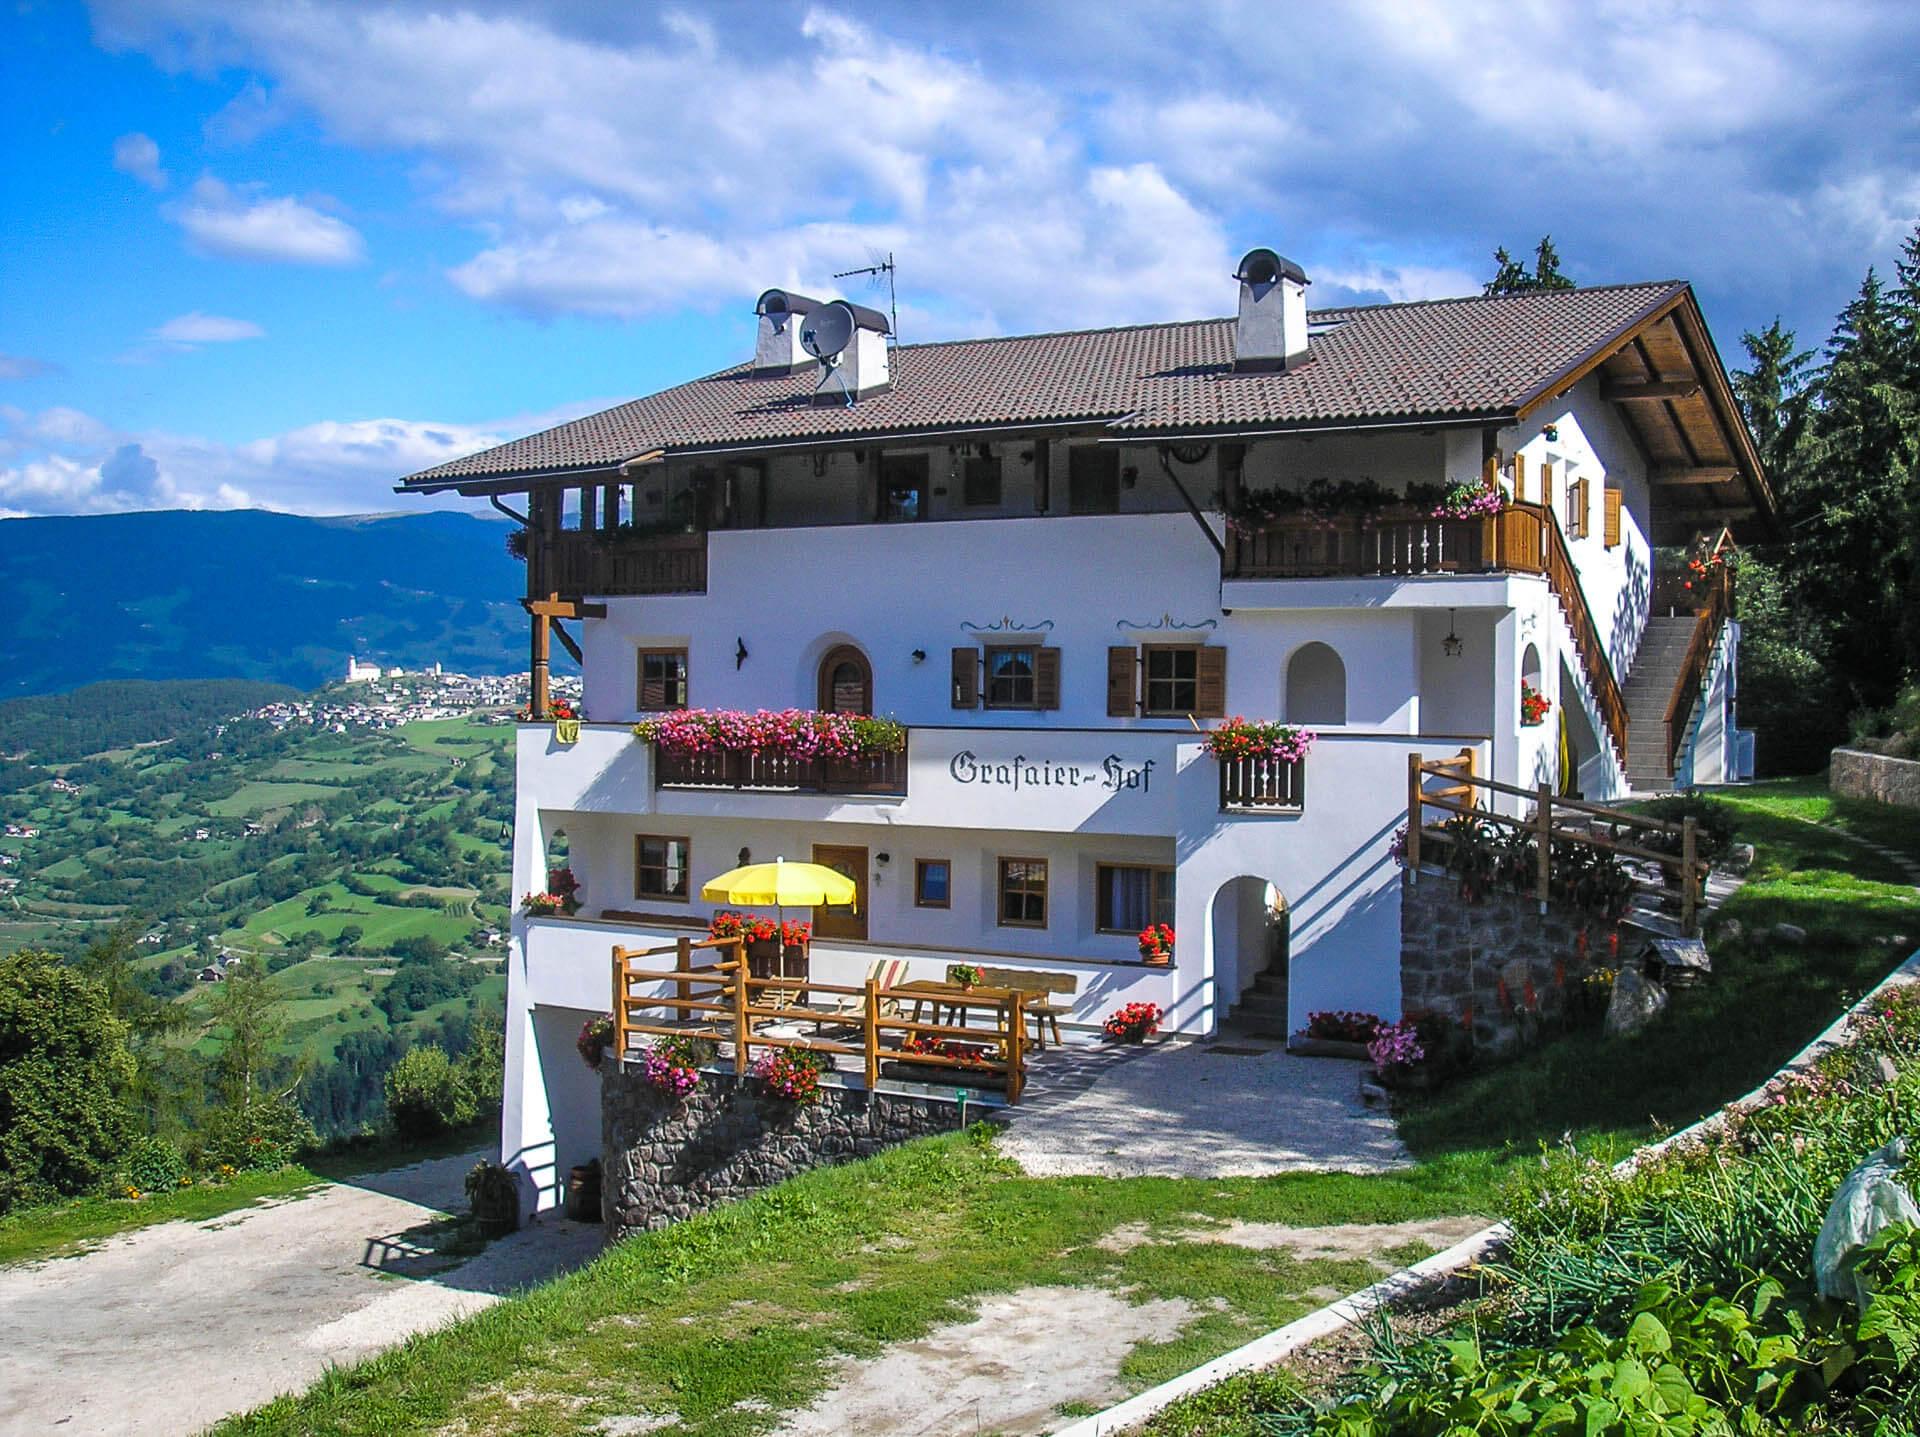 Vacanze in agriturismo con la famiglia a Castelrotto